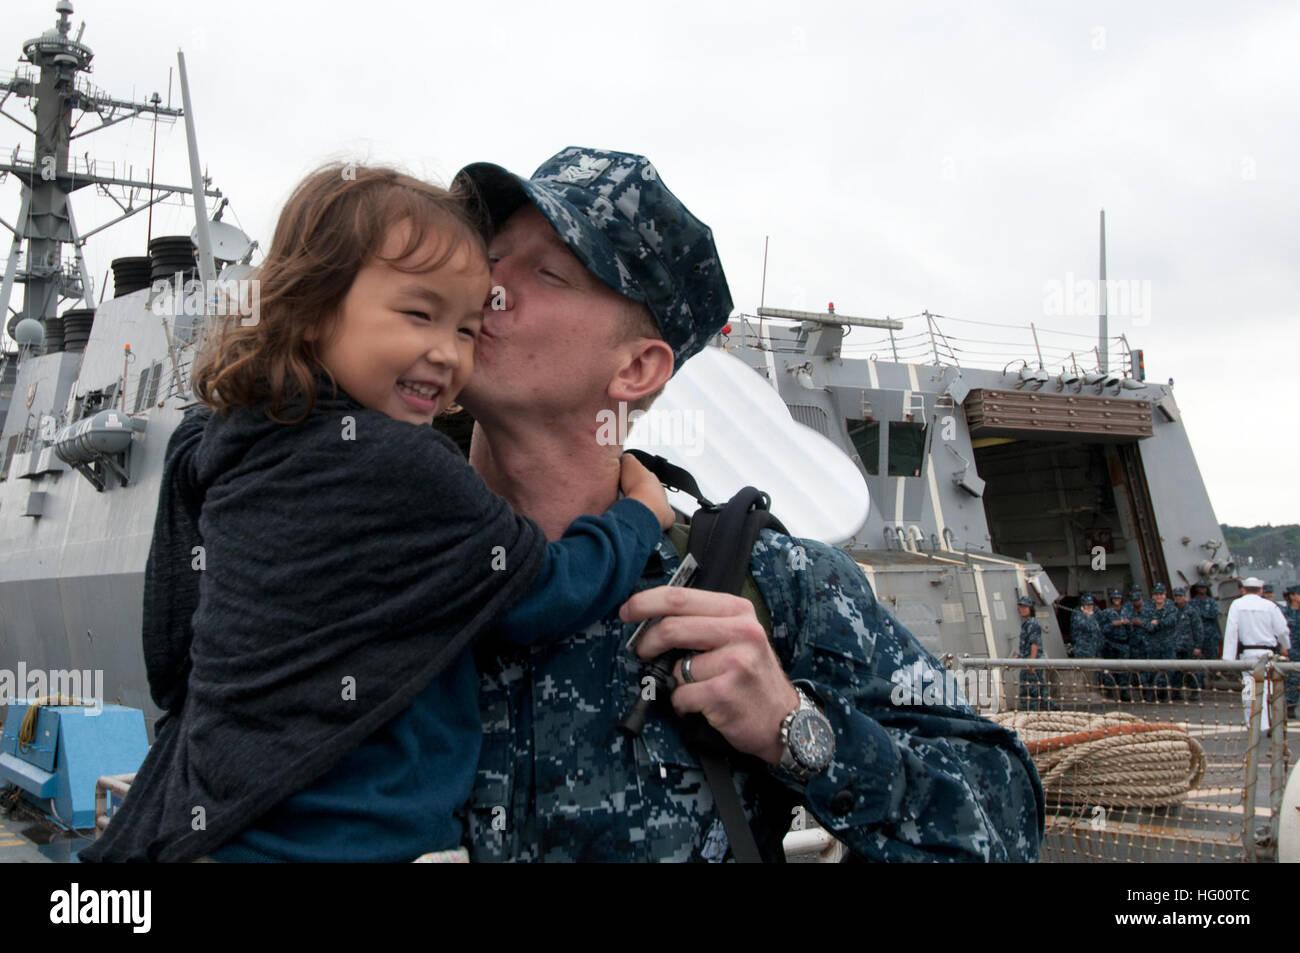 110822-N-SF508-046 Yokosuka, Japón (Ago. 22, 2011), Técnico de sistemas de información de primera clase Christopher Binnings, desde New Orleans, asignados a la clase Arleigh Burke de misiles guiados destructor USS McCampbell (DDG 85), besa a su hija tras regresar a comandante, actividades de la flota de Yokosuka desde una patrulla de verano. McCampbell es asignado al Escuadrón destructor (DESRON 15) y está desplegada a Yokosuka, Japón. (Ee.Uu. Navy photo by Mass Communication Specialist 3ª clase Charles Oki/liberado) US Navy 110822-N-SF1508-046 Christopher Binnings besa a su hija tras un largo, patrulla de verano Foto de stock